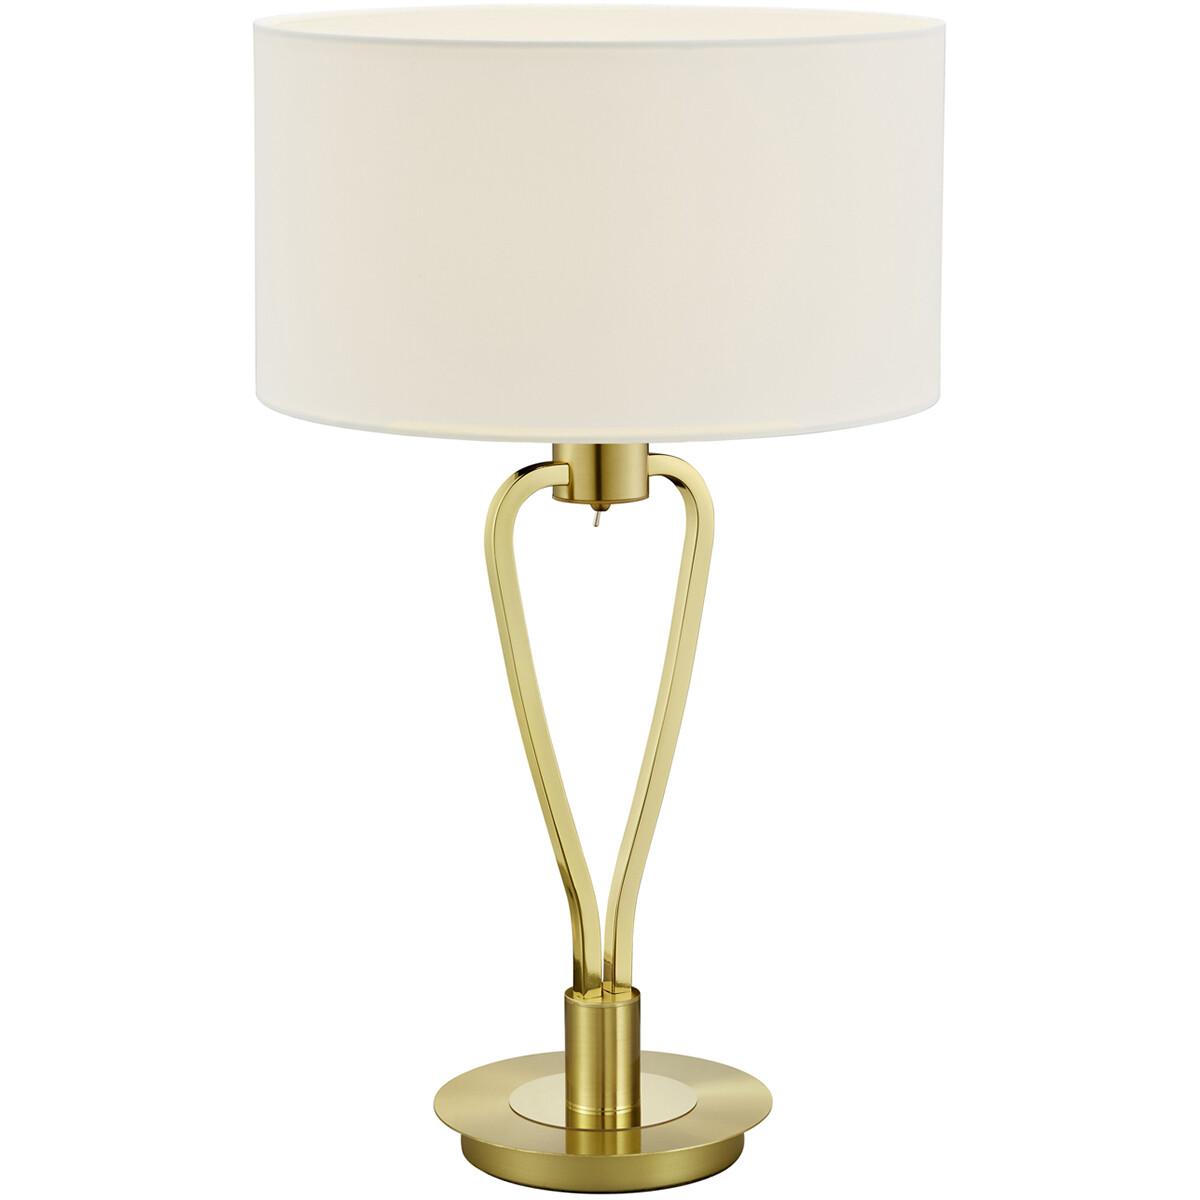 LED Tafellamp - Tafelverlichting - Trion Hilton - E27 Fitting - Rond - Mat Goud - Aluminium